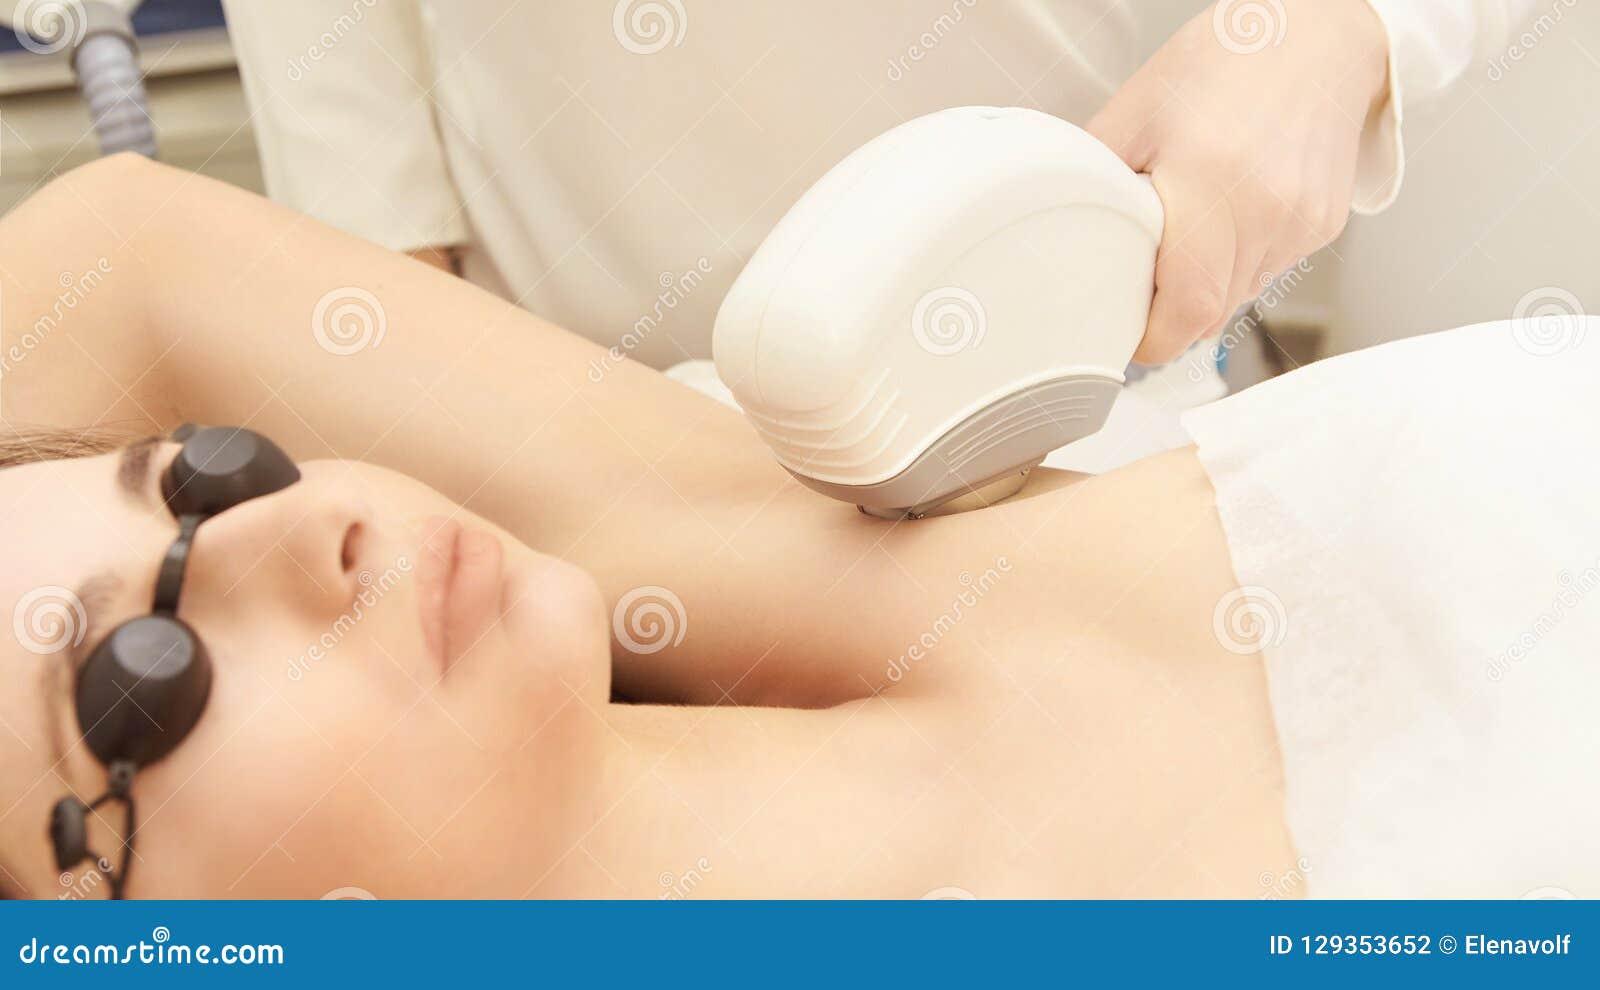 Υπηρεσία αφαίρεσης λέιζερ τρίχας IPL cosmetology συσκευή Επαγγελματικές συσκευές Μαλακή φροντίδα δέρματος γυναικών